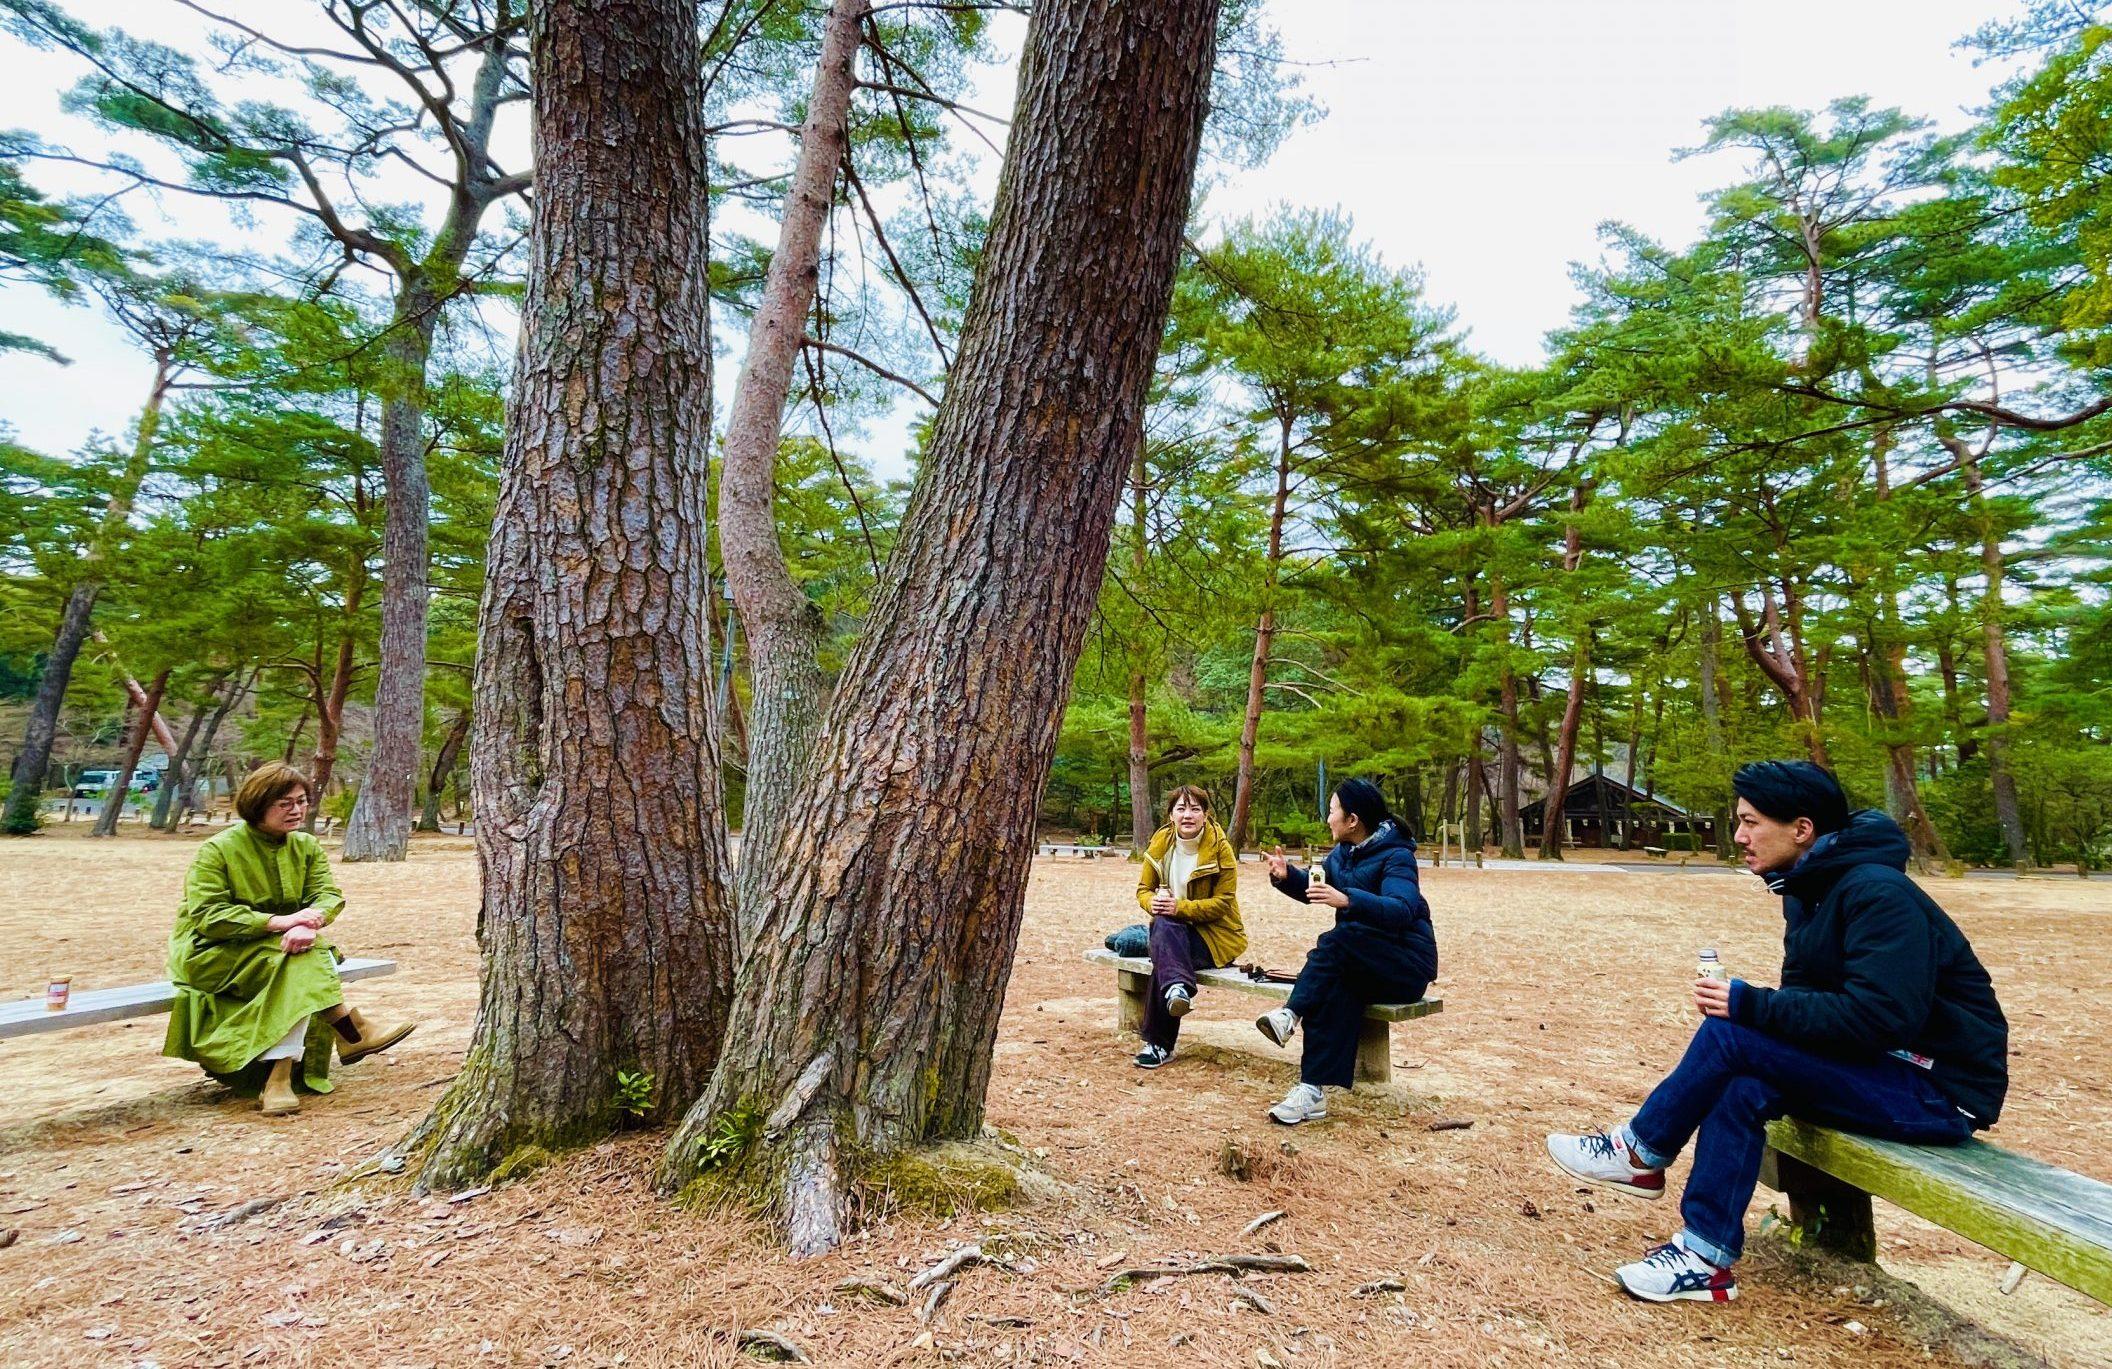 寒い日の大きな木の下で